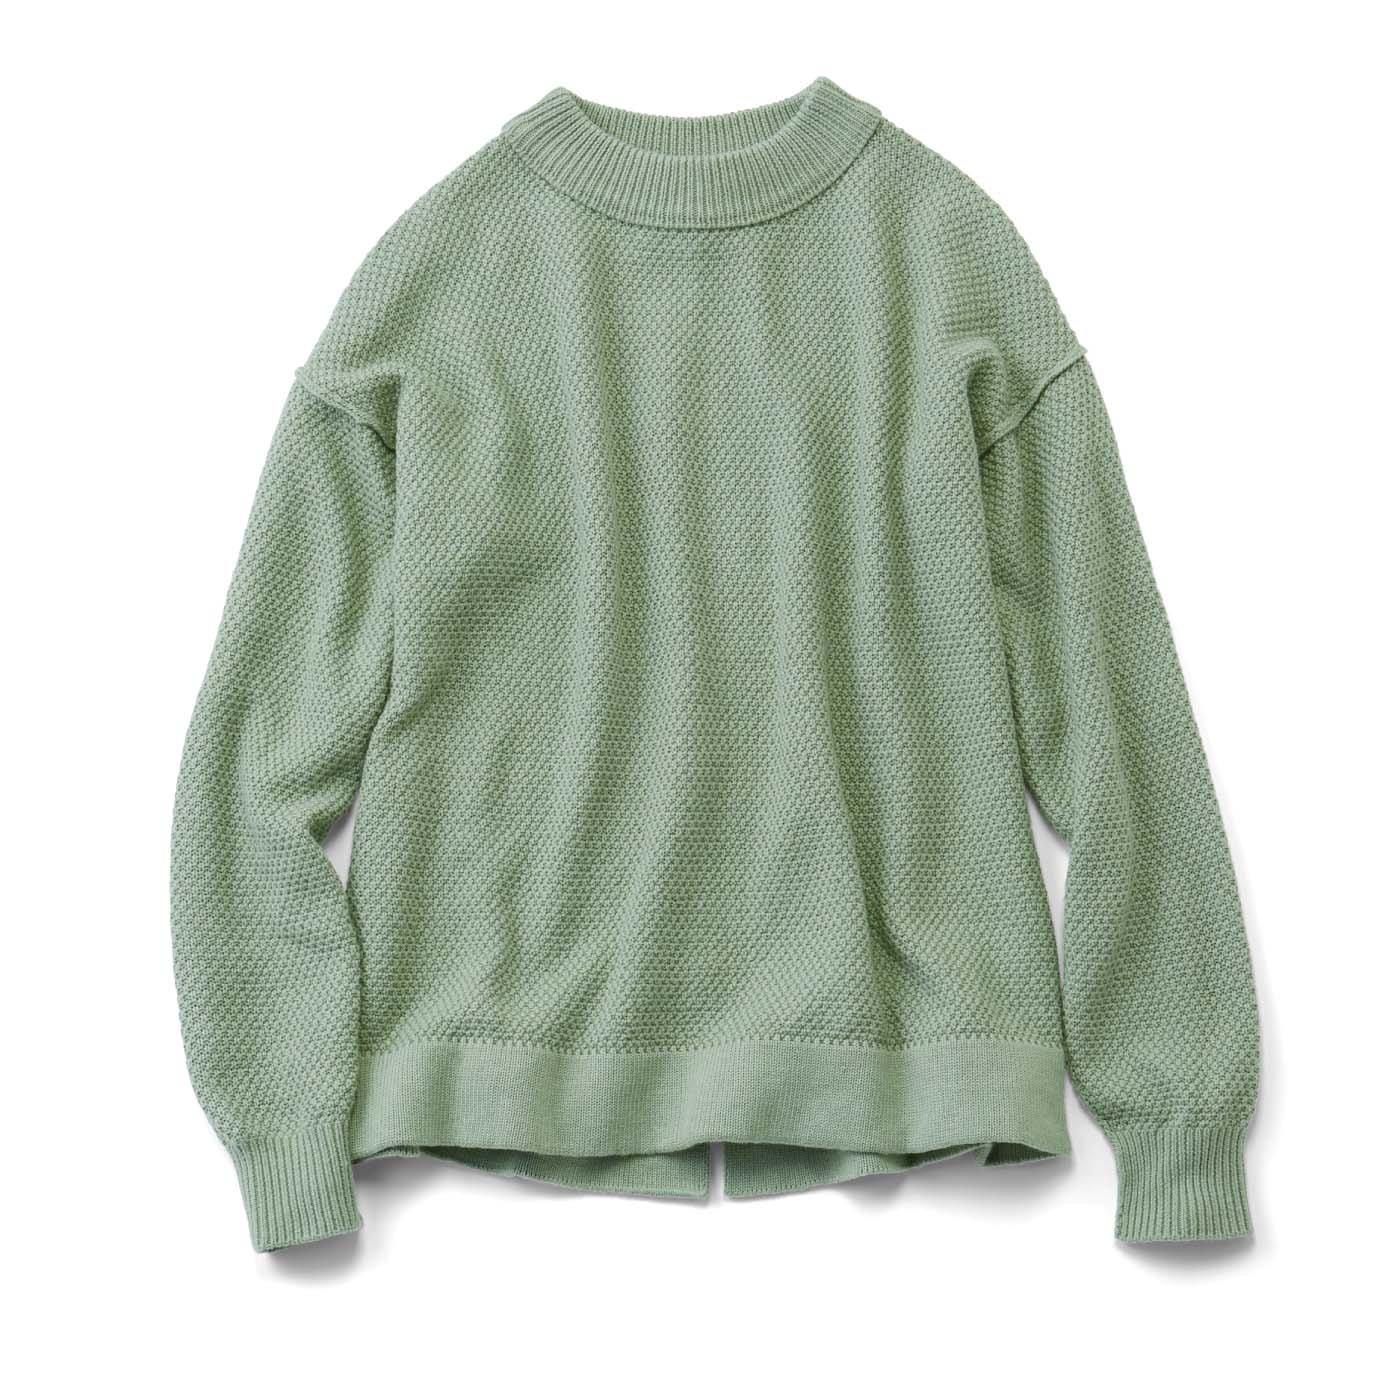 【おはだが気になるみんなへ】コットンシルク素材のかのこ編みアウトリンキングニット〈アーモンドグリーン〉